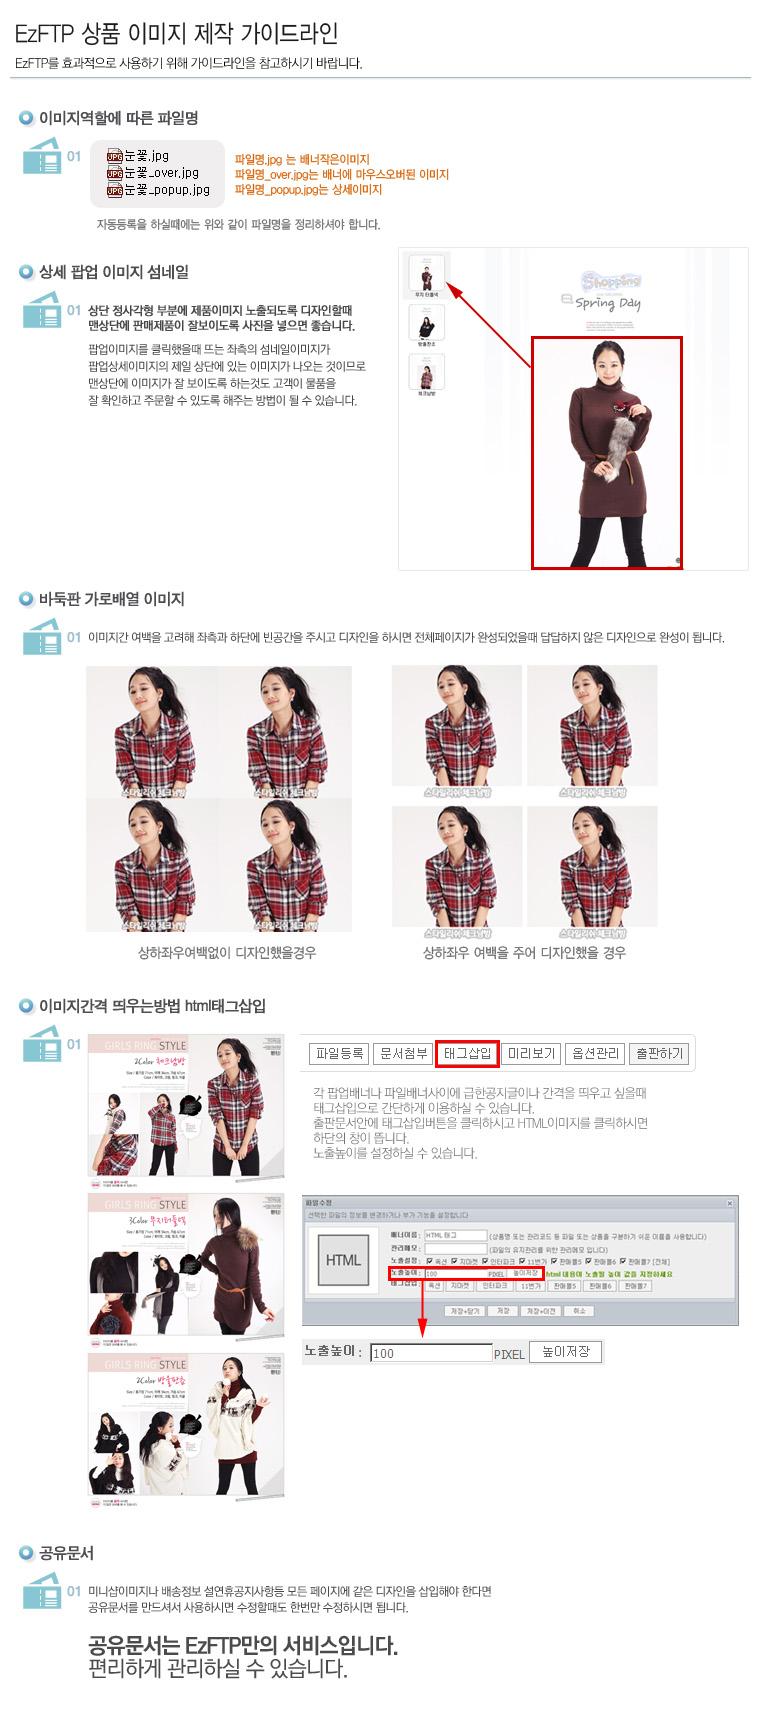 info_guide.jpg